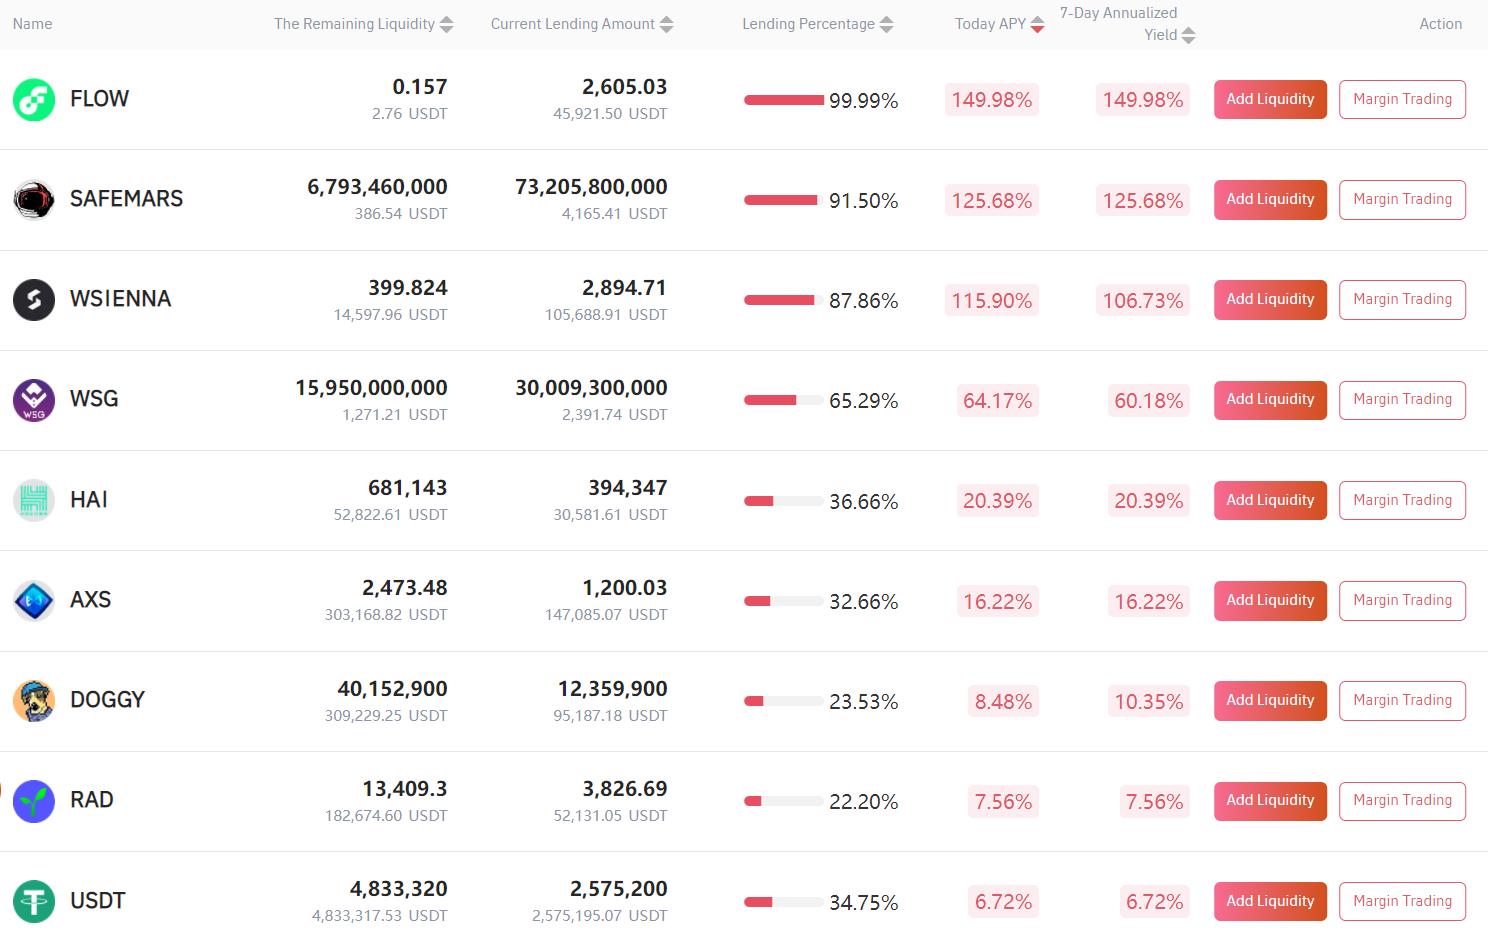 Gate.io比特儿交易所借贷挖矿7天年化收益率达149.98%插图